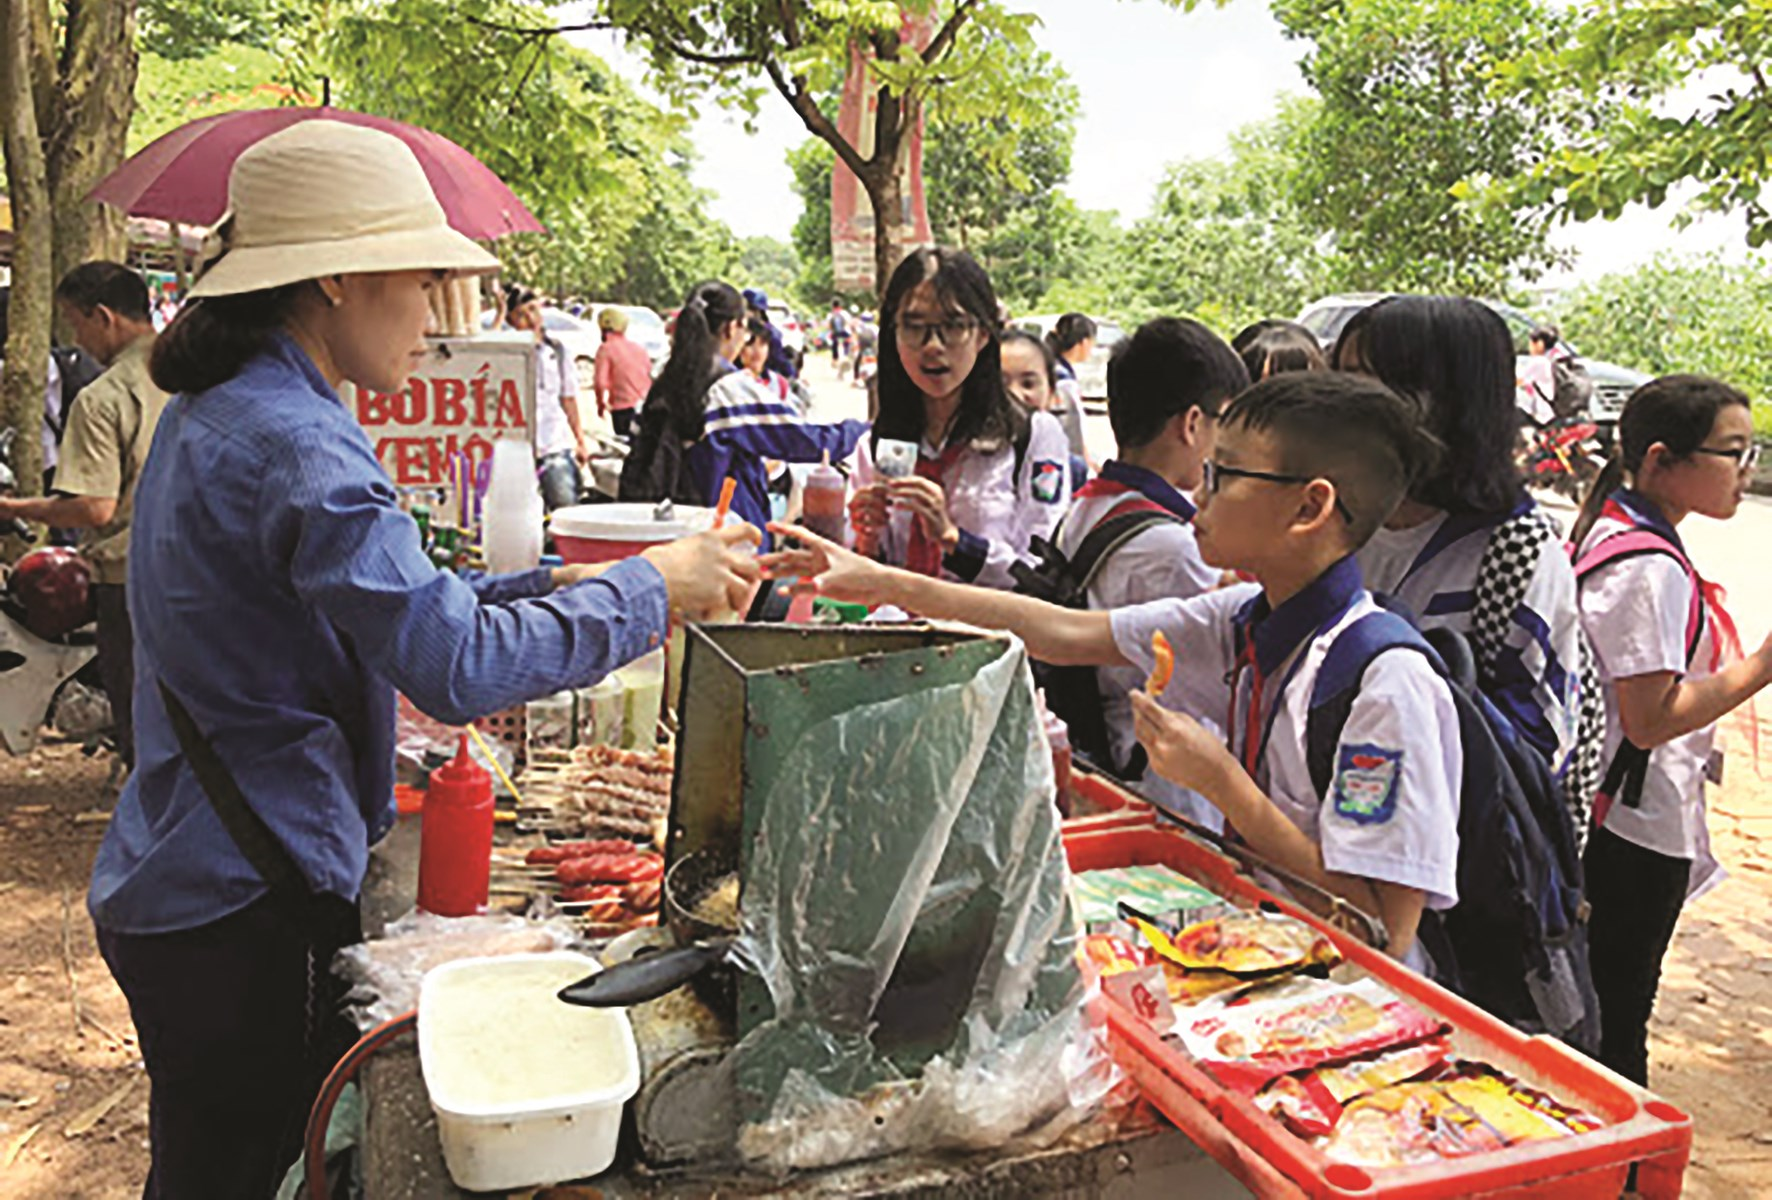 Hàng rong được bày bán tràn lan trước cổng nhiều trường học bất chấp nguy cơ mất vệ sinh ATTP